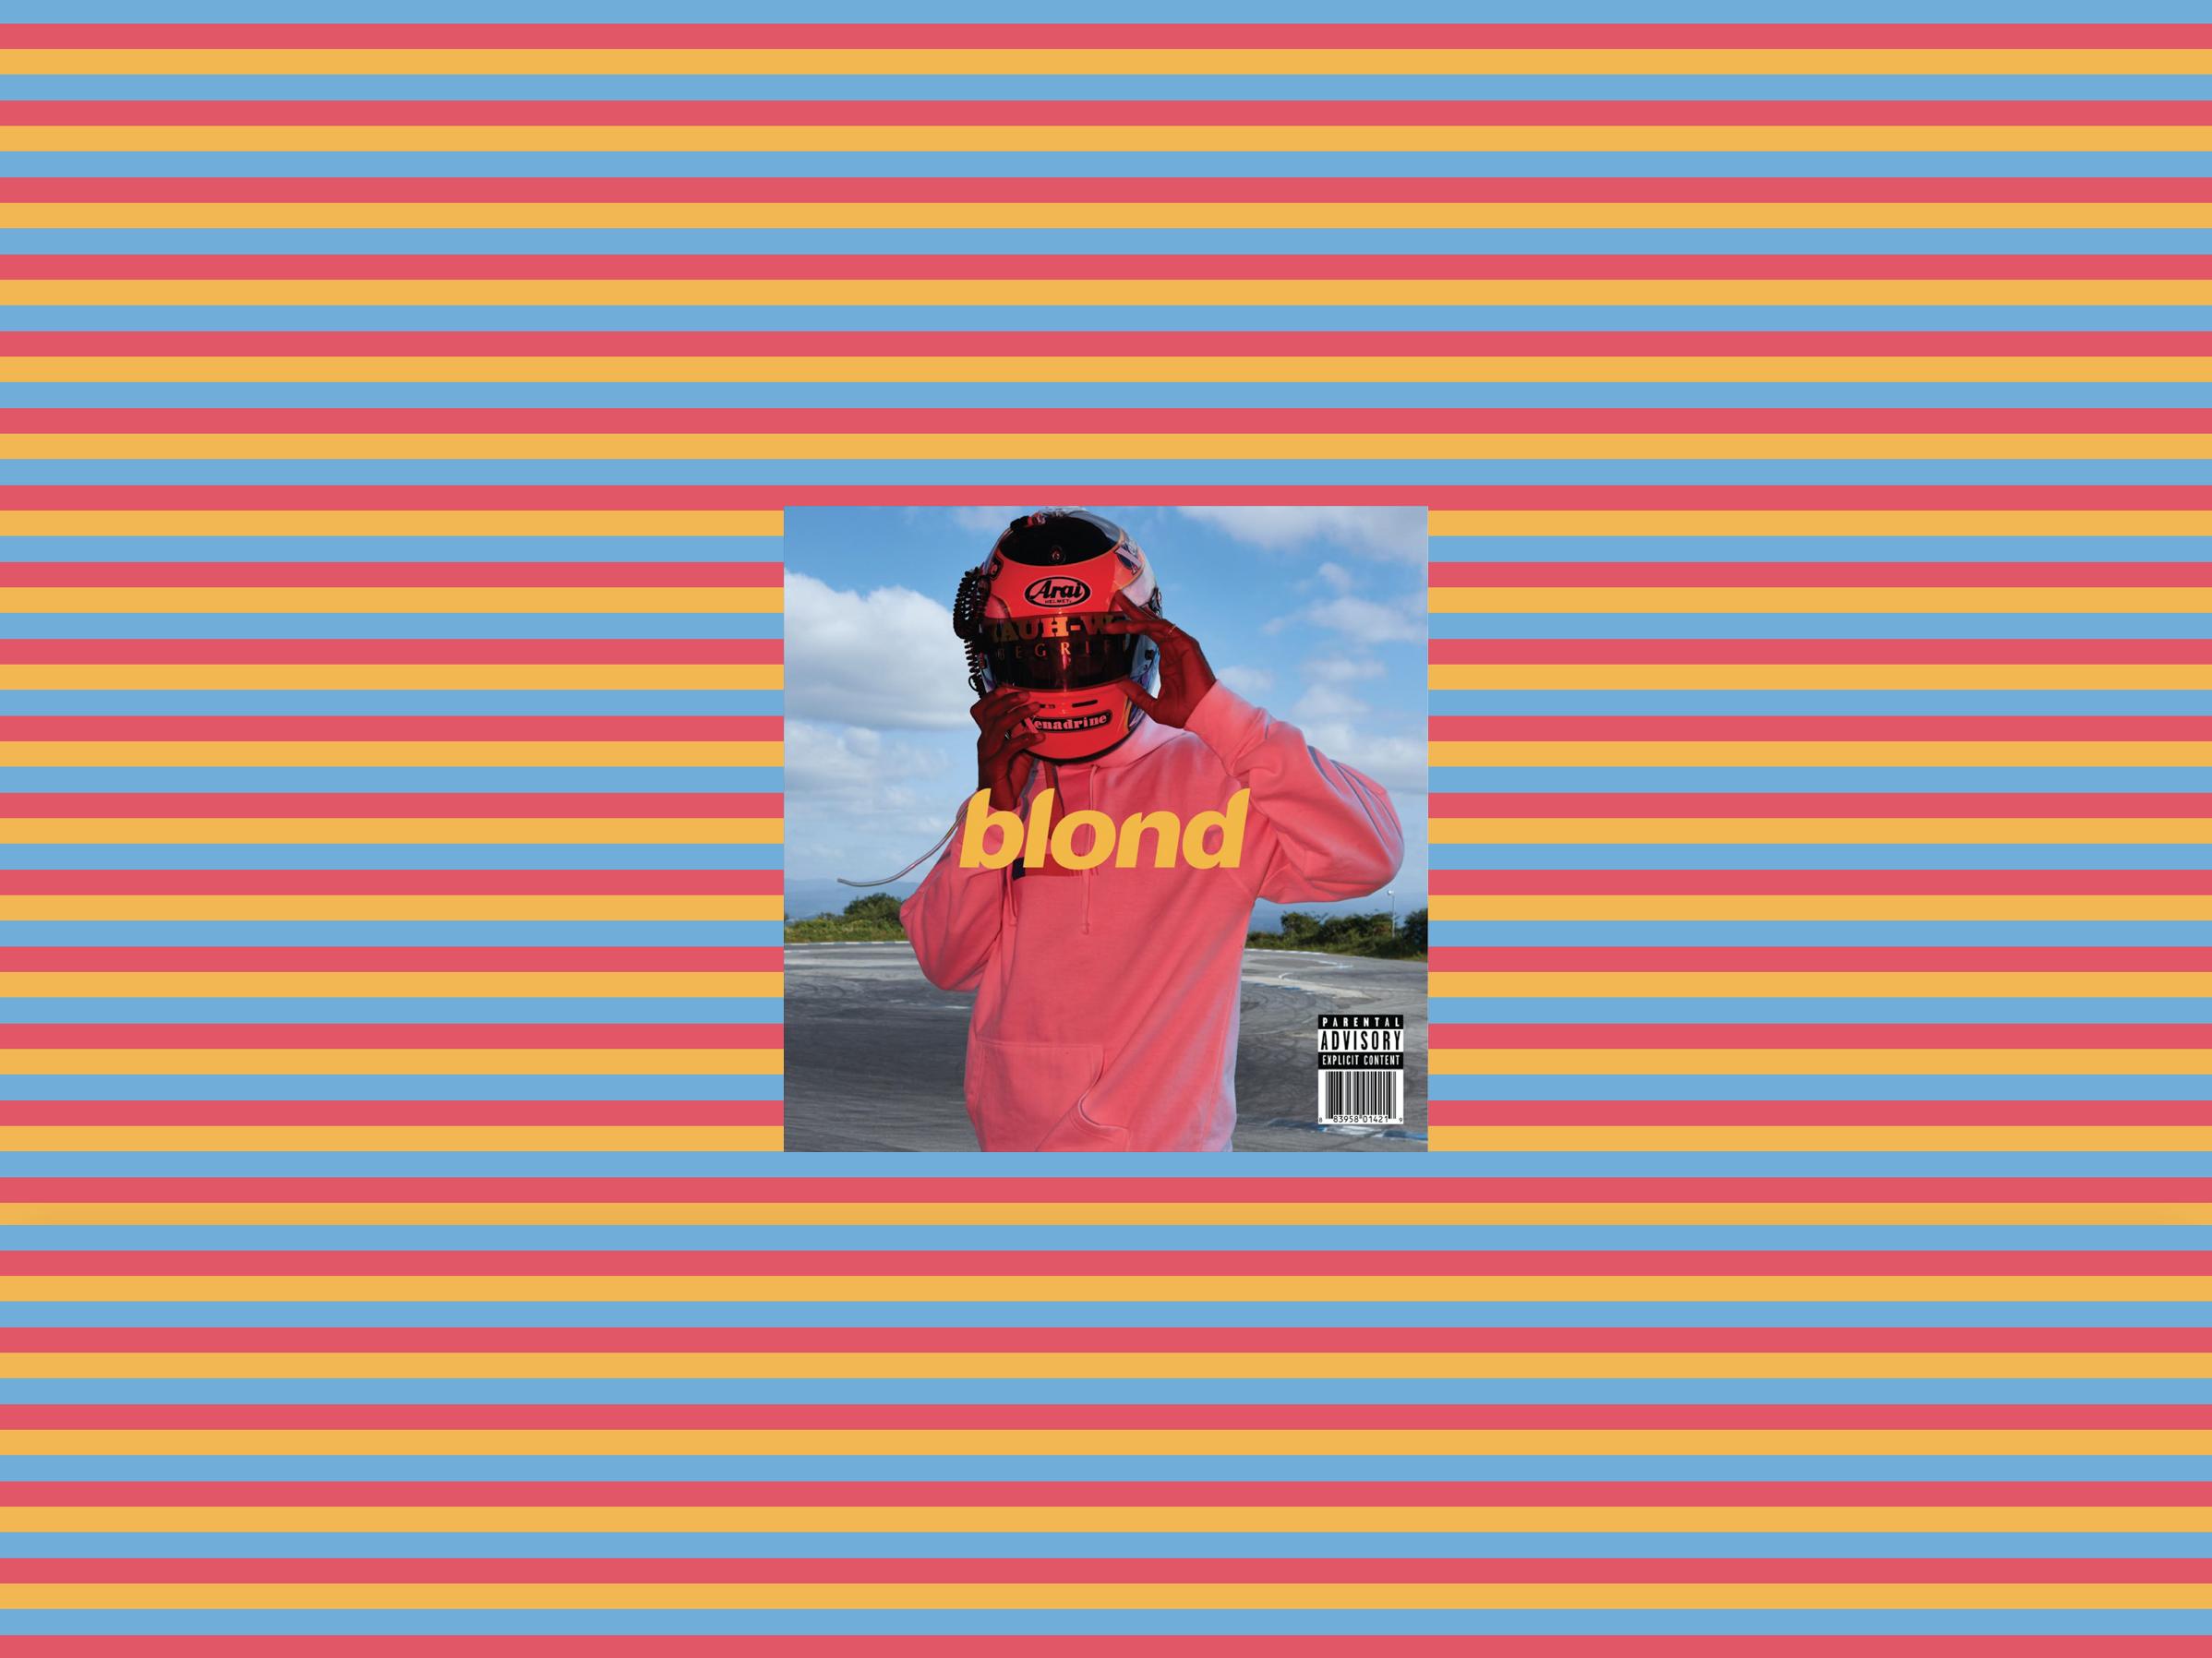 [98+] Frank Ocean 2018 Wallpapers on WallpaperSafari